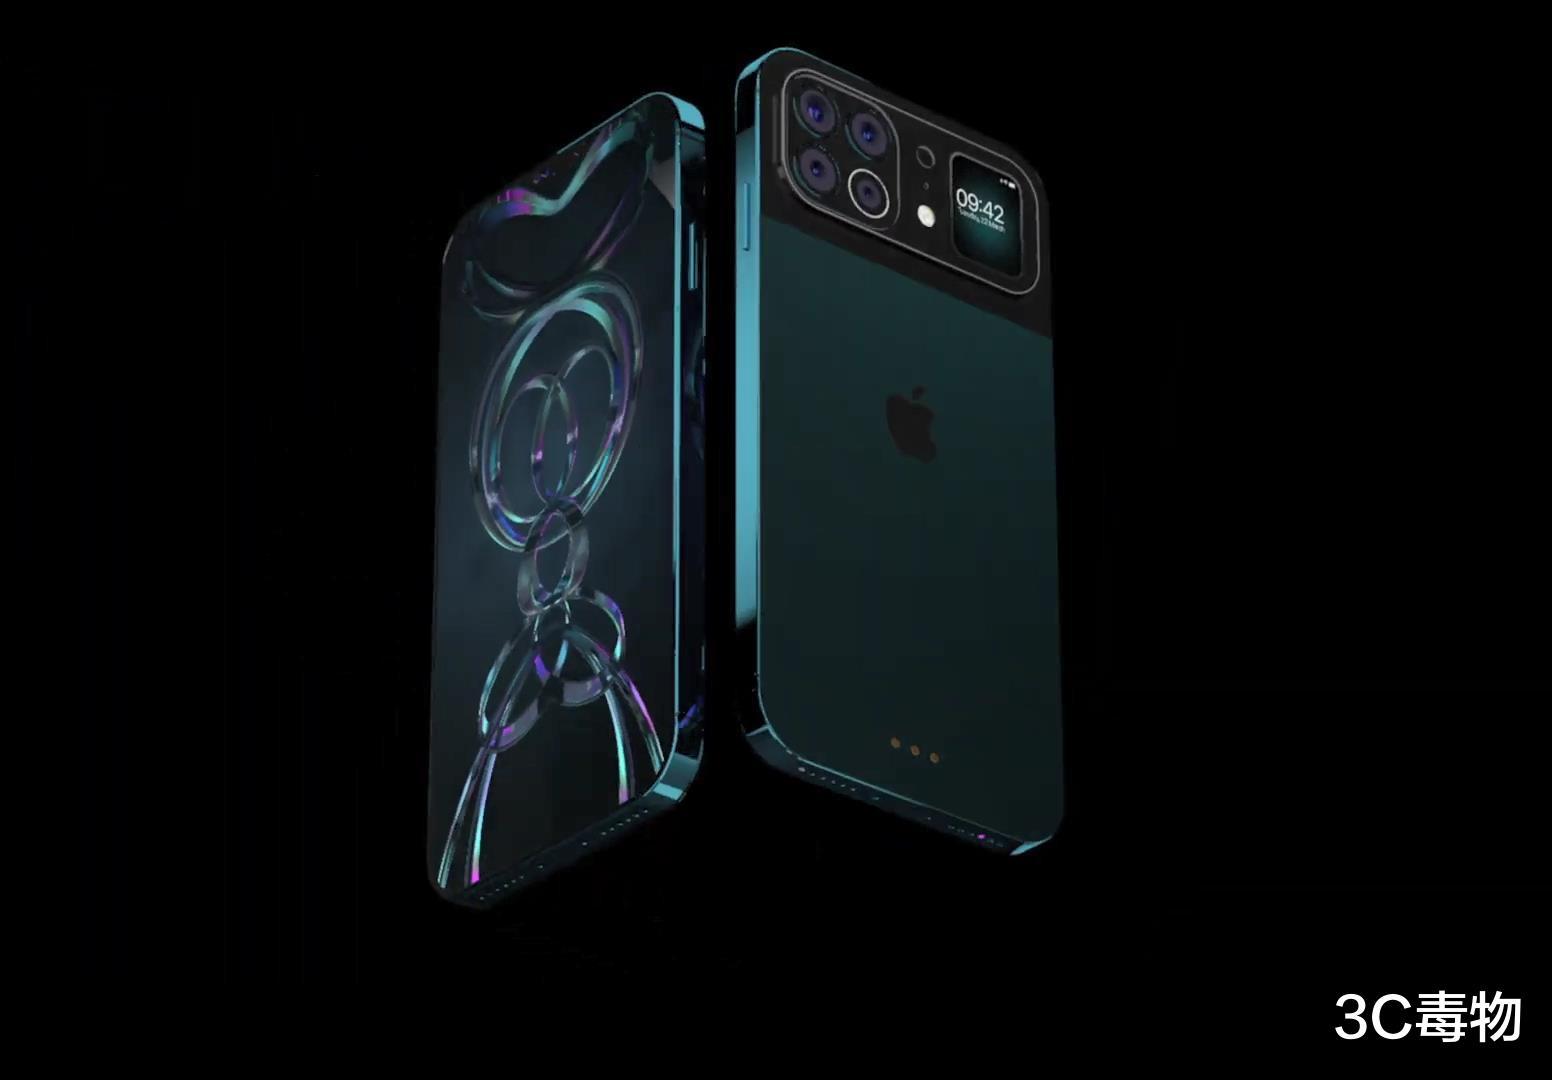 iPhone13ProMax渲染图:后置5摄配1.5寸副屏,存储最高支持1TB